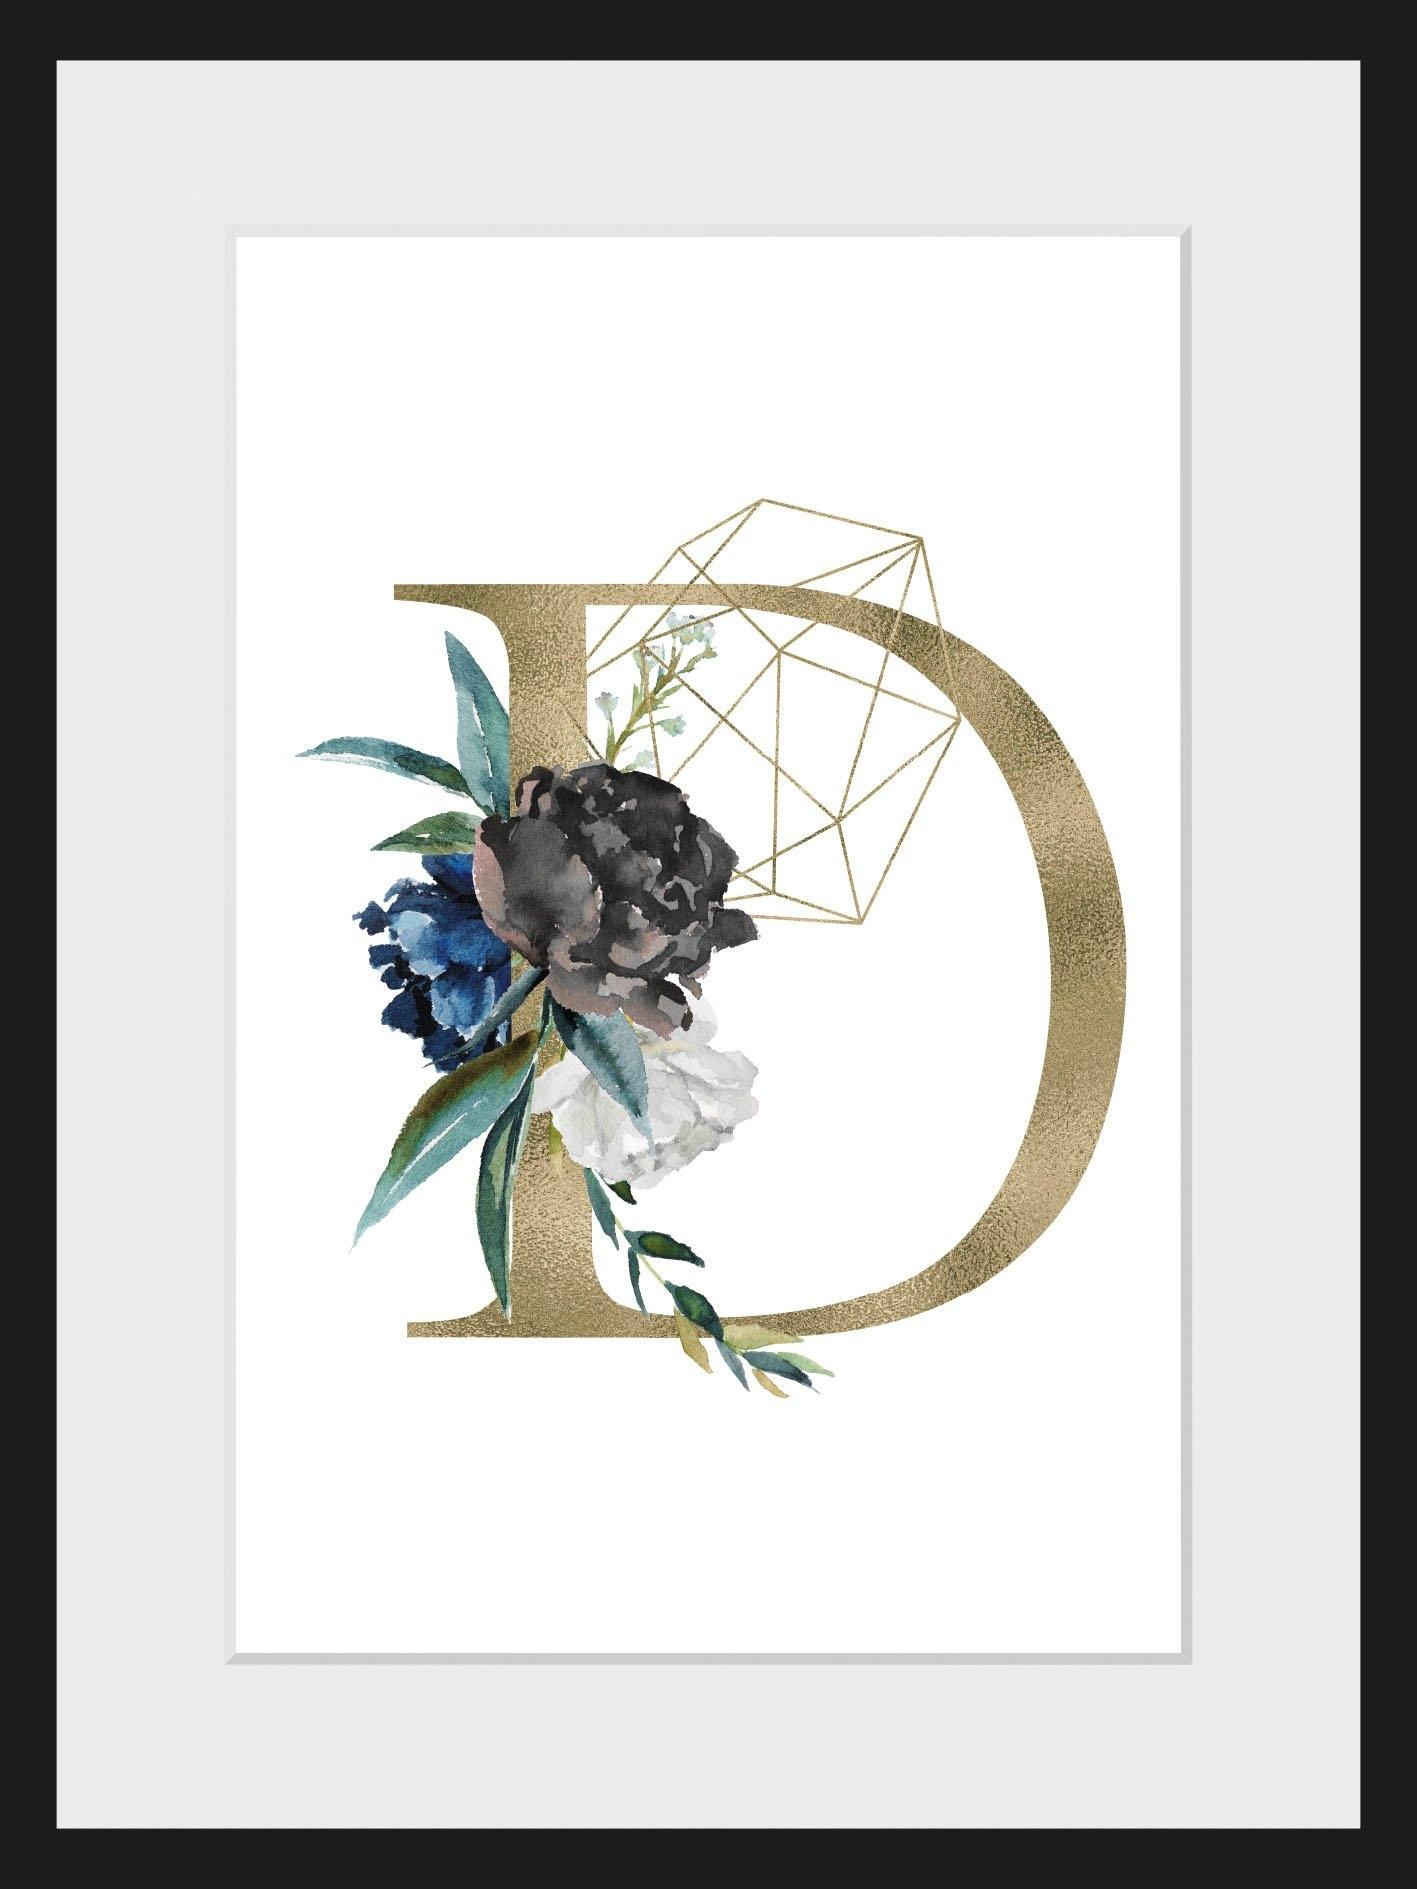 queence wanddecoratie D (1 stuk) veilig op otto.nl kopen